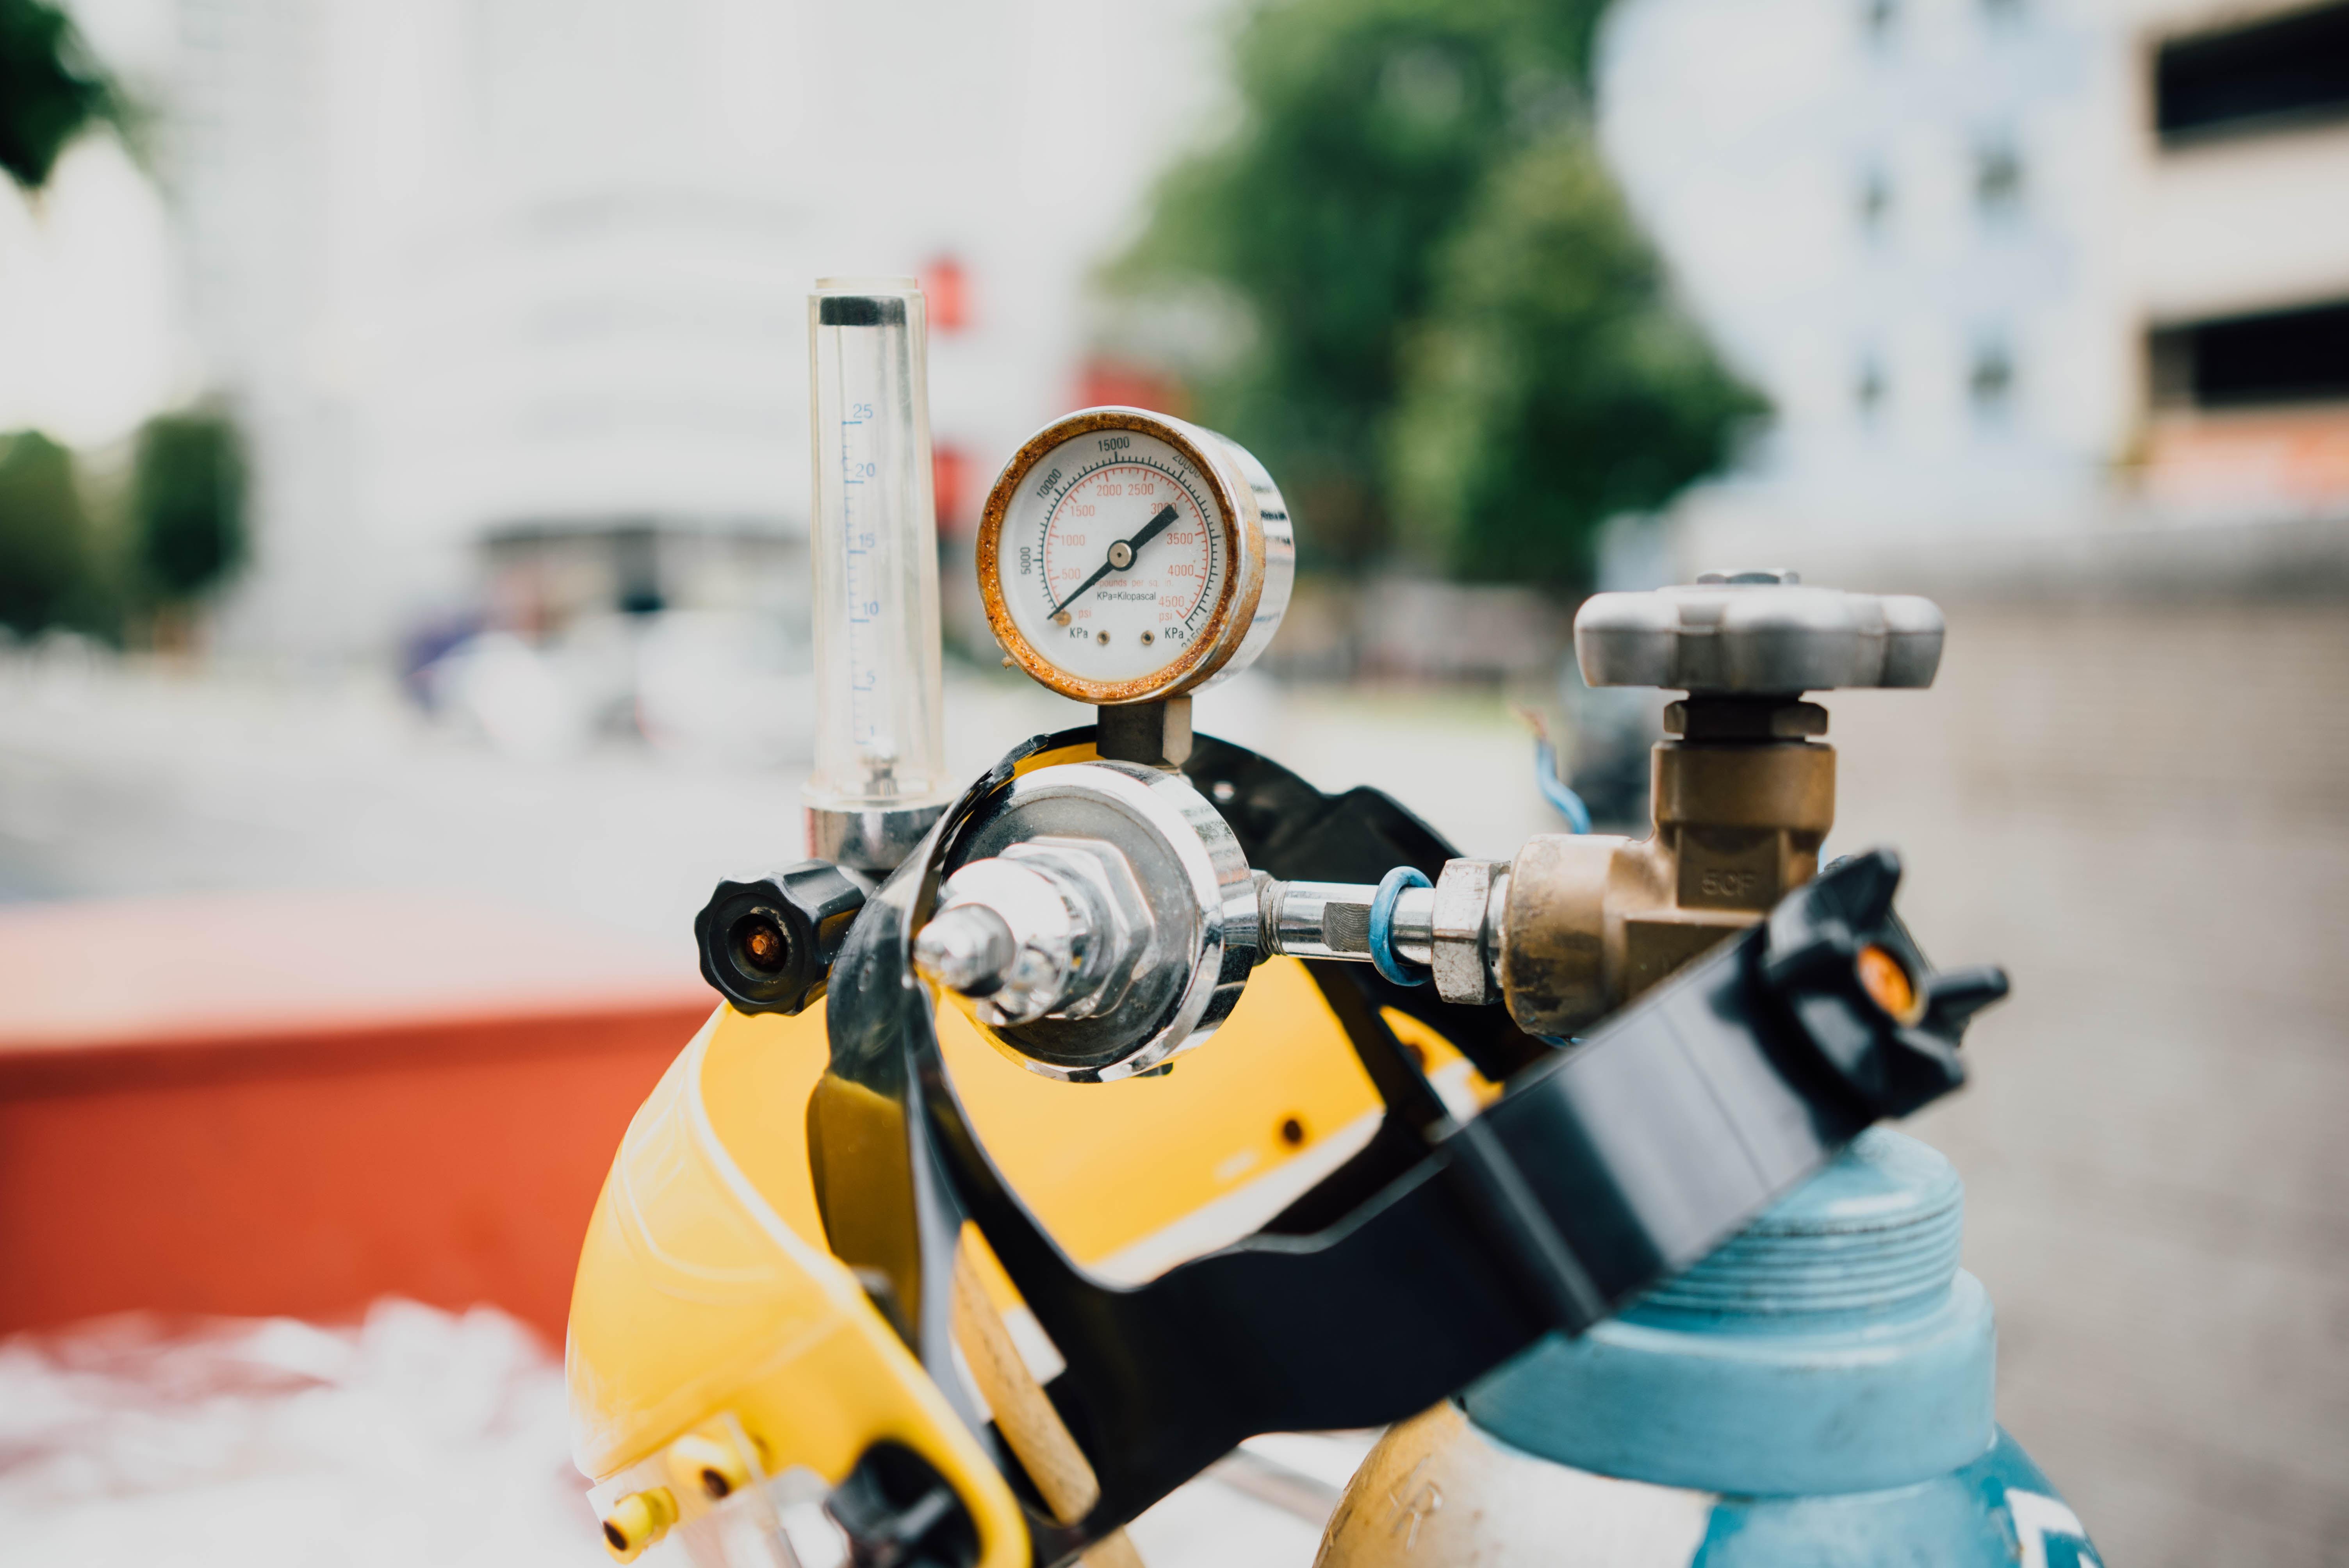 Hanterar ni tryckbärande utrustning på arbetsplatsen? Så påverkas ni av de nya reglerna i AFS 2017:3 | Biztrends